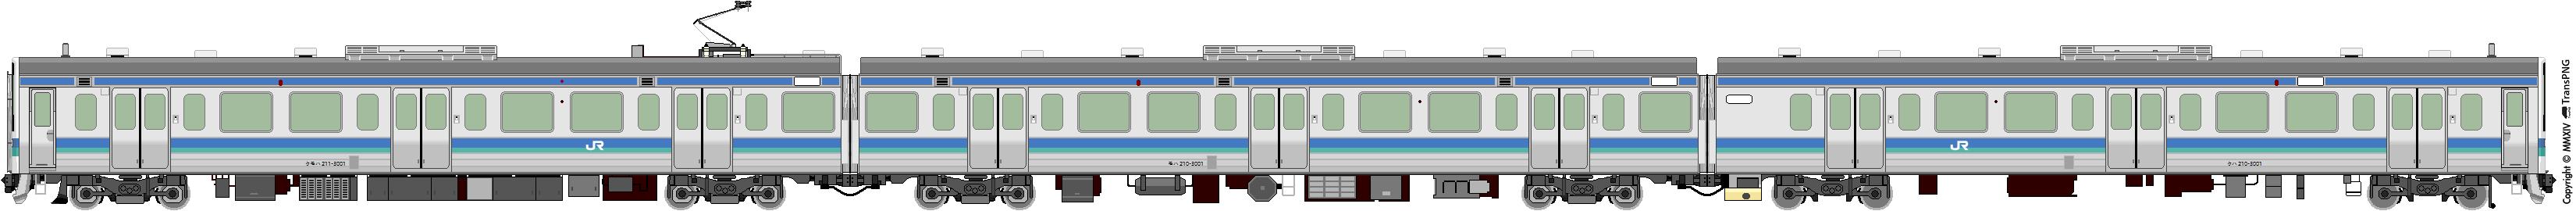 [5393] 東日本旅客鉄道 5393